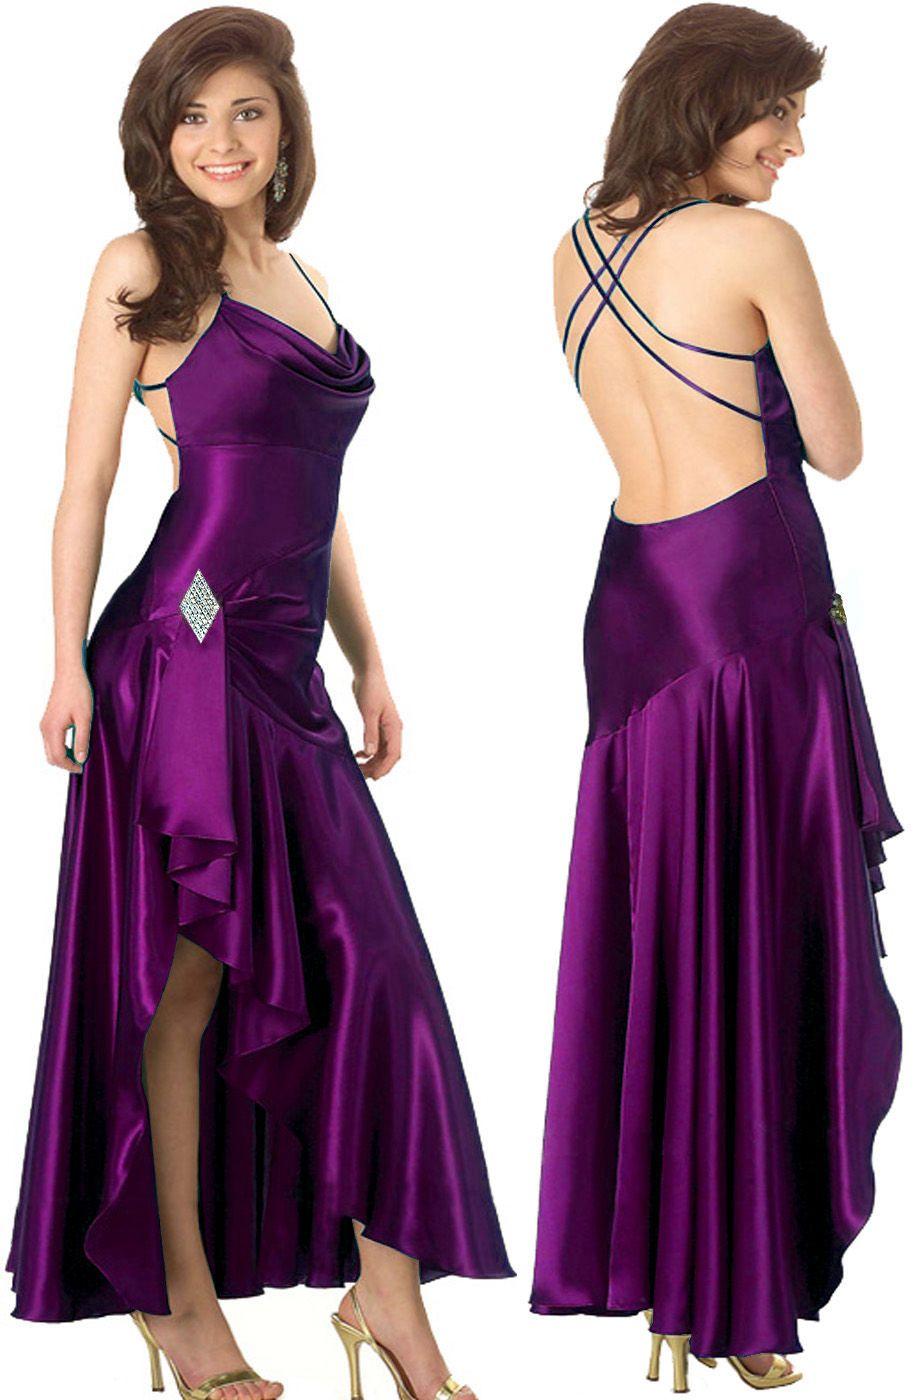 purple bridesmaid dresses | Beautiful Purple Wedding Bridesmaid ...